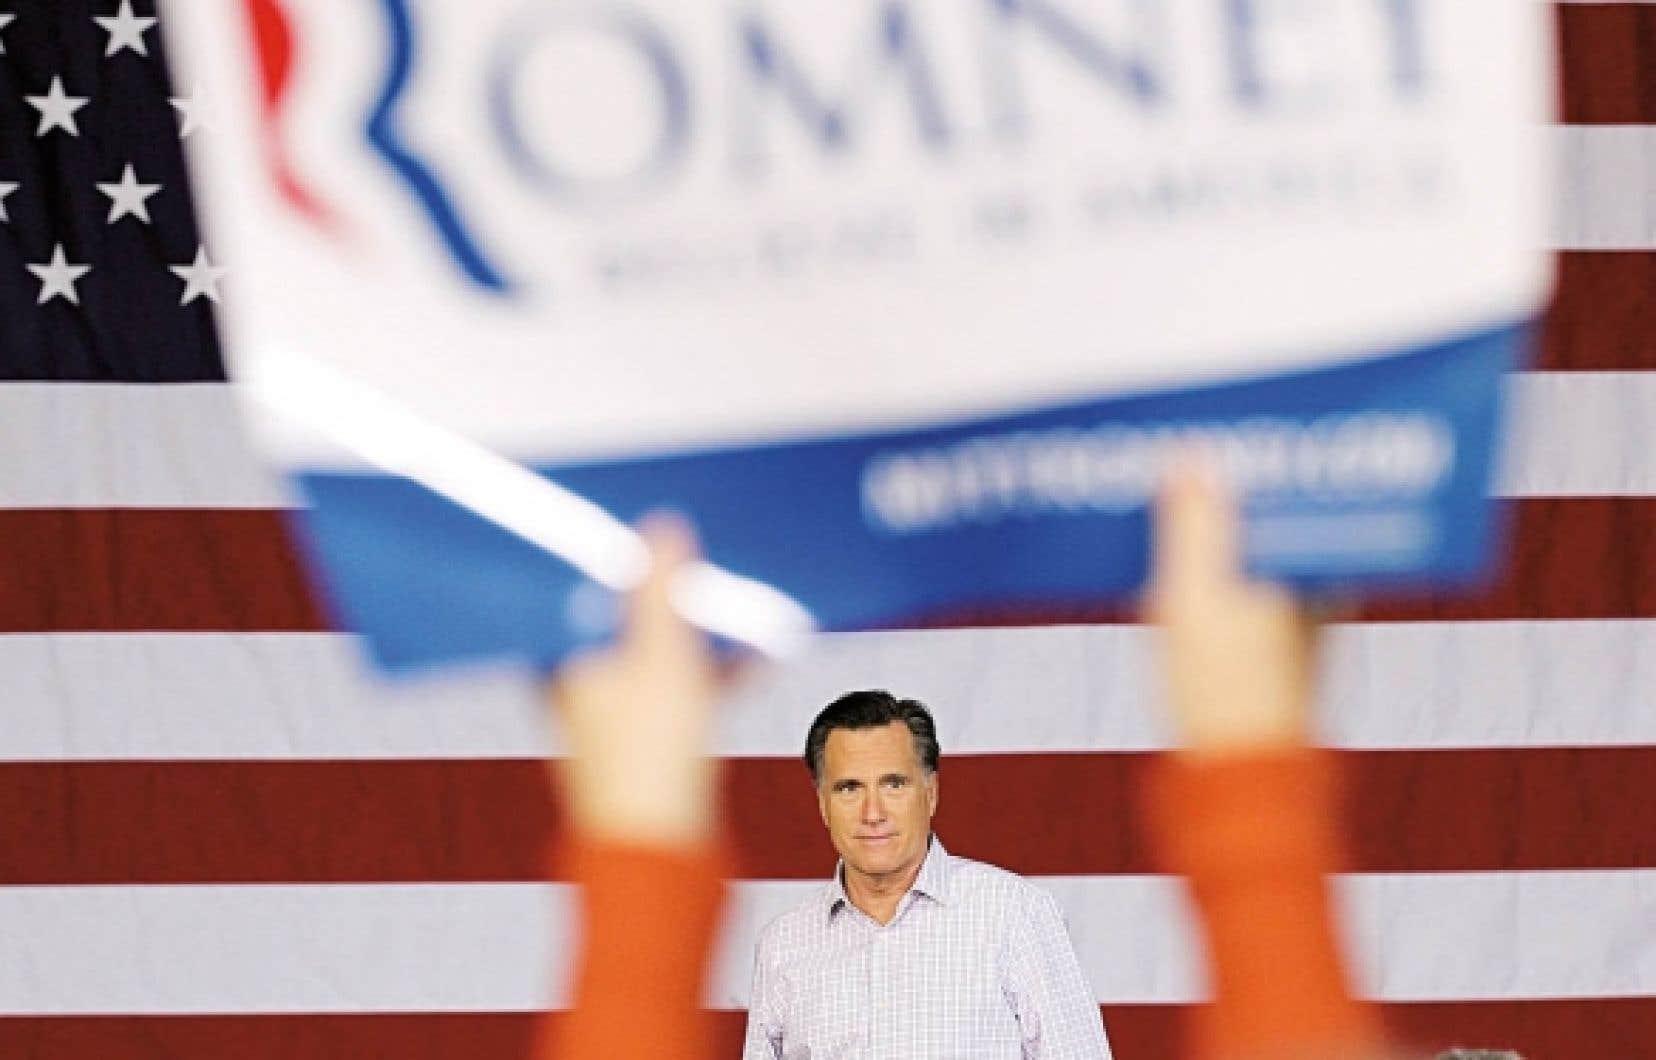 L'Ohio est un État pivot depuis plusieurs élections présidentielles. La preuve est que Mitt Romney, qui a décidé de ne faire de publicité dans aucun autre des États du Super Tuesday, a choisi d'y investir 1,2 million de dollars.<br />